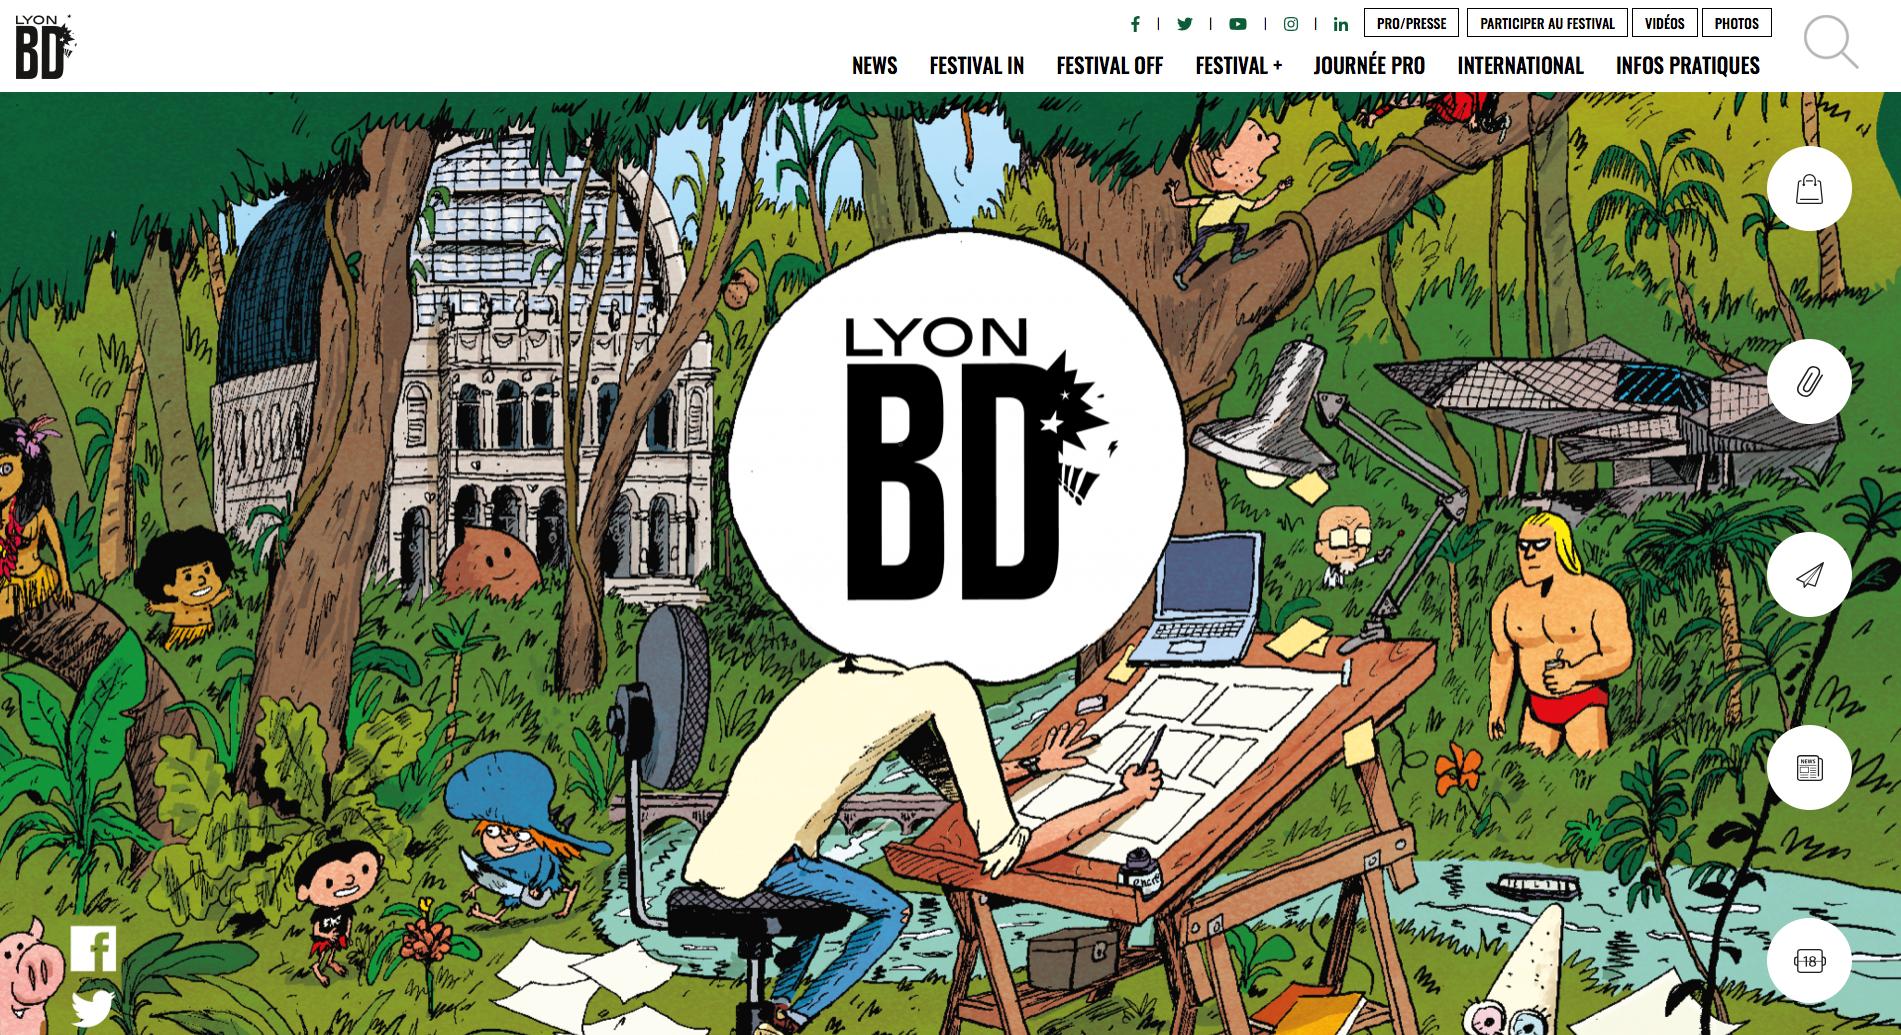 Screen du site internet de Lyon BD ouvert sur le header du site Lyon BD festival avec visibilité sur le header et le menu